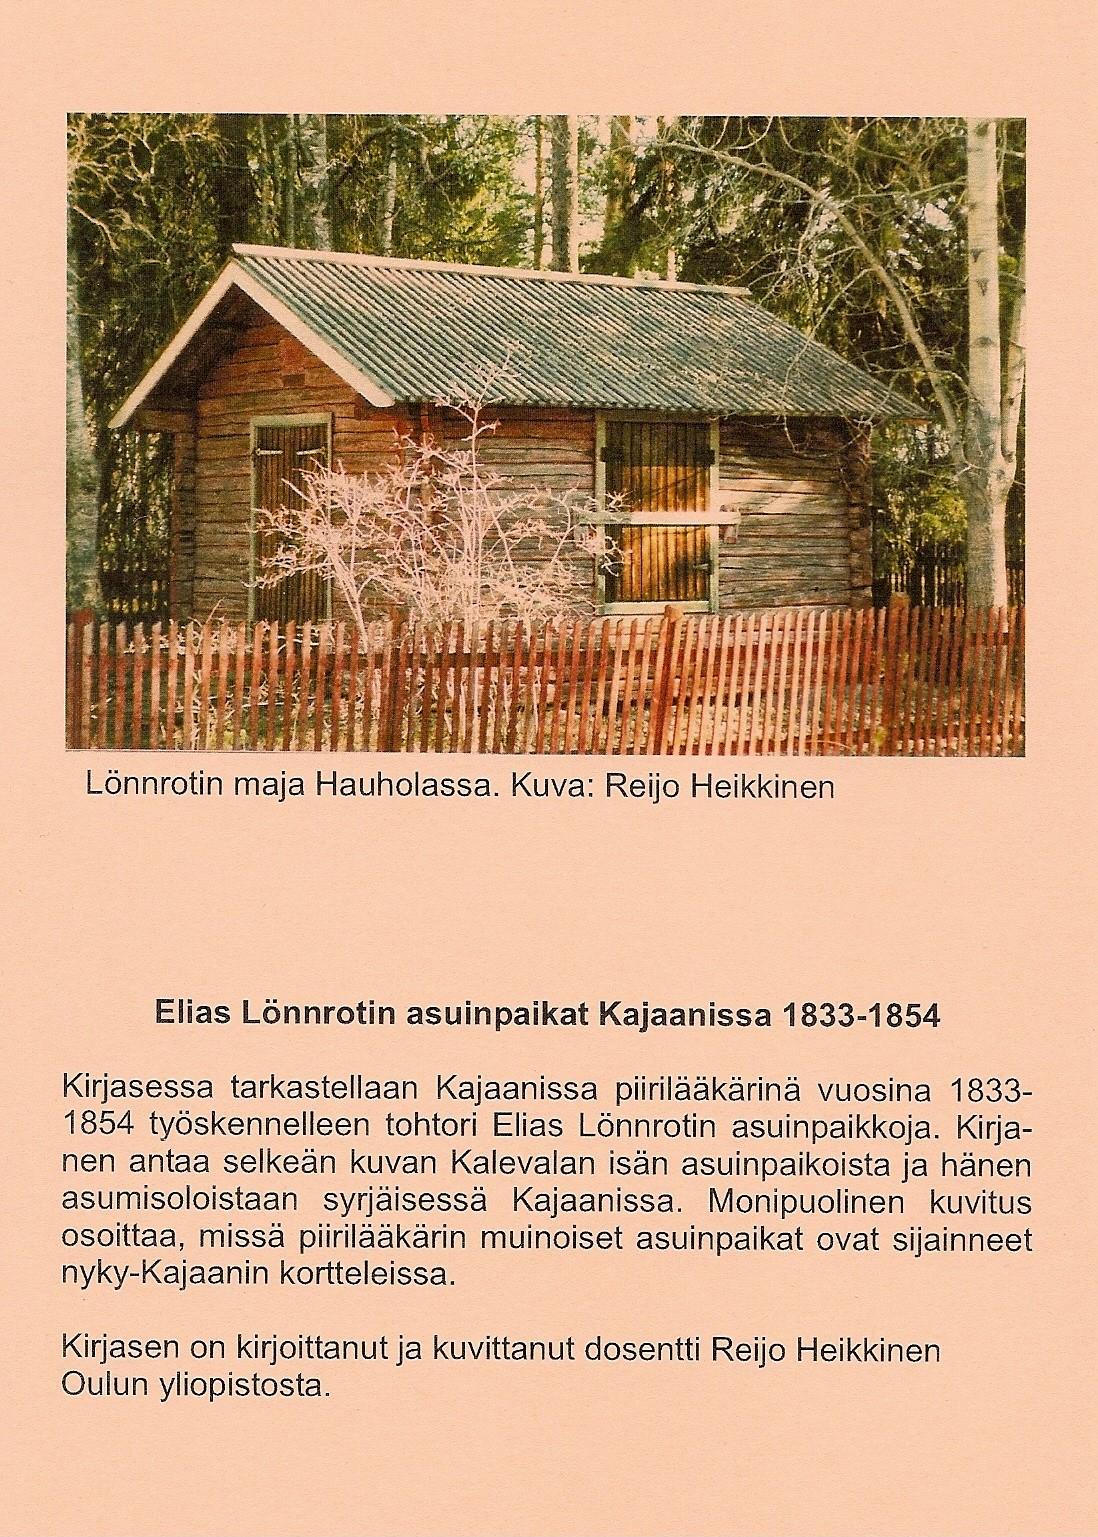 Elias Lönnrotin asuinpaikat Kajaanissa 2001 takakansi